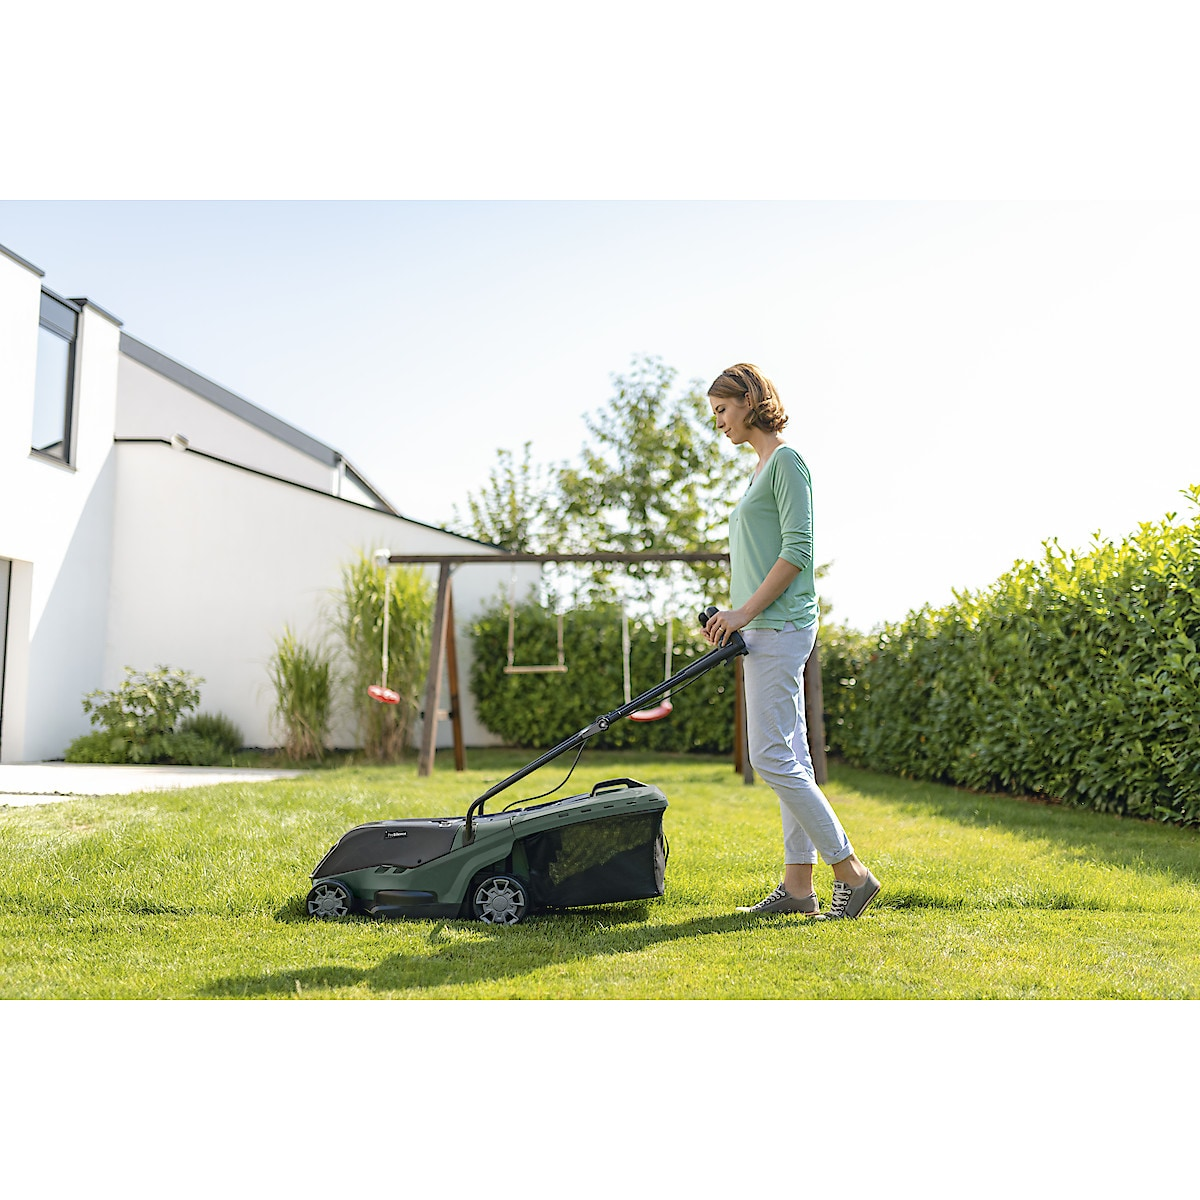 Gräsklippare Bosch 36-670, 36 V